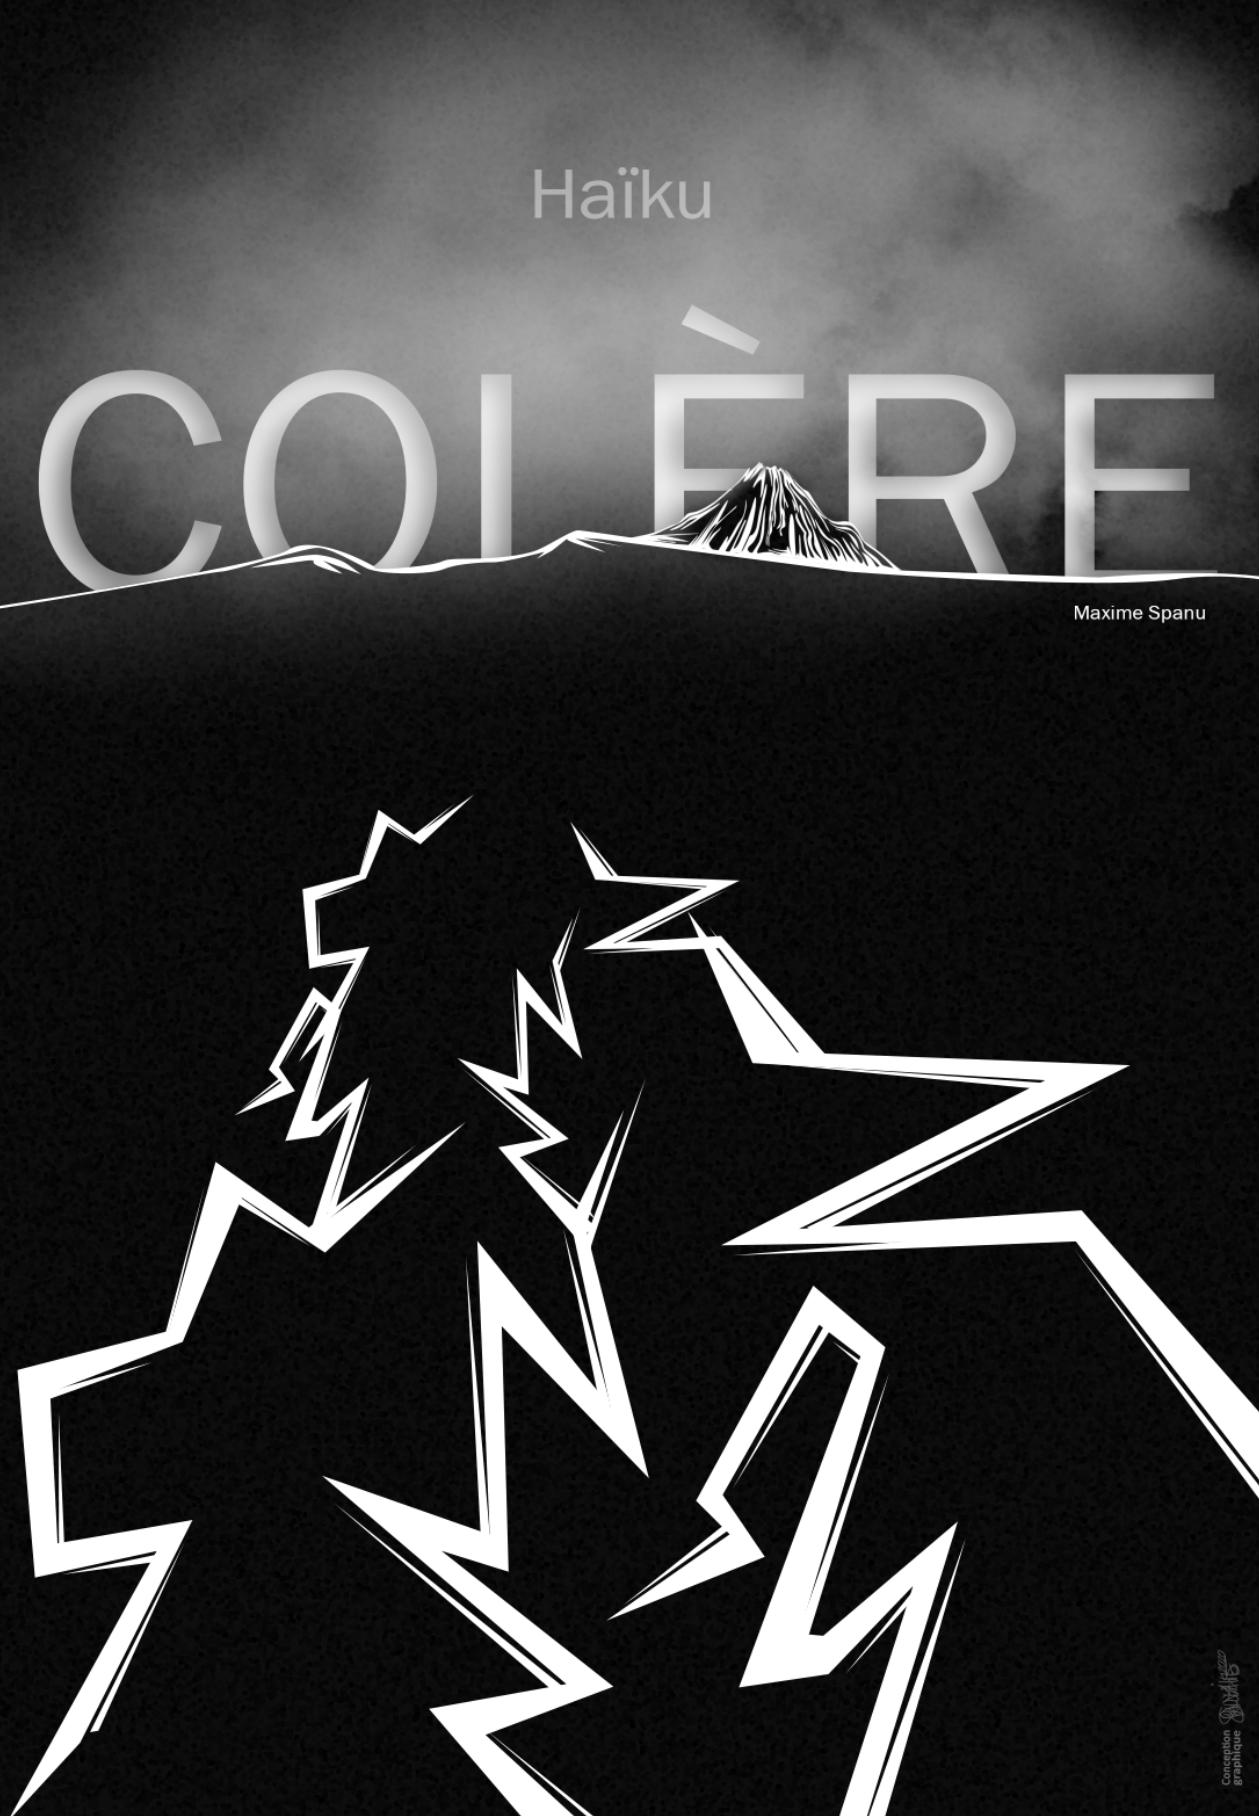 Affiche Colère Maxime Spanu